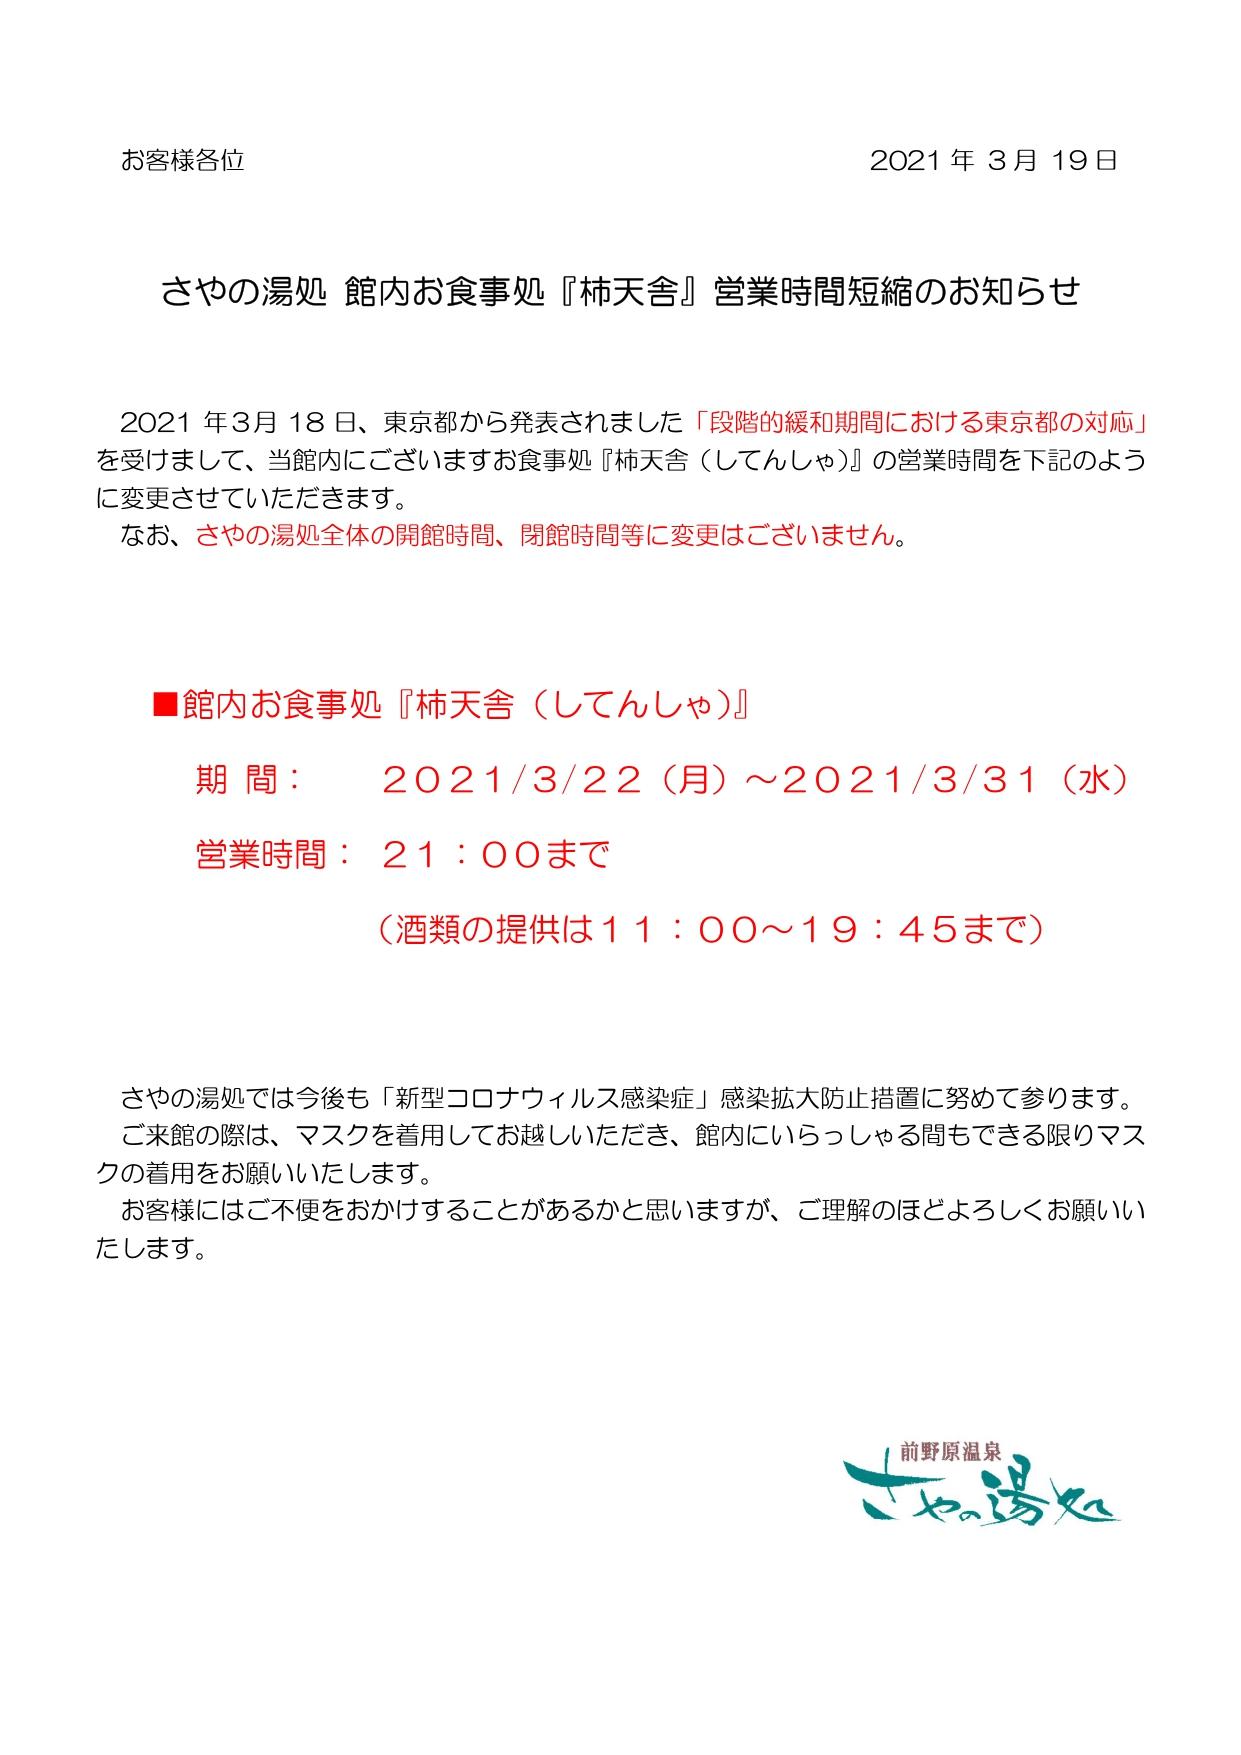 お食事処『柿天舎』営業時間短縮のお知らせ(3/31まで)